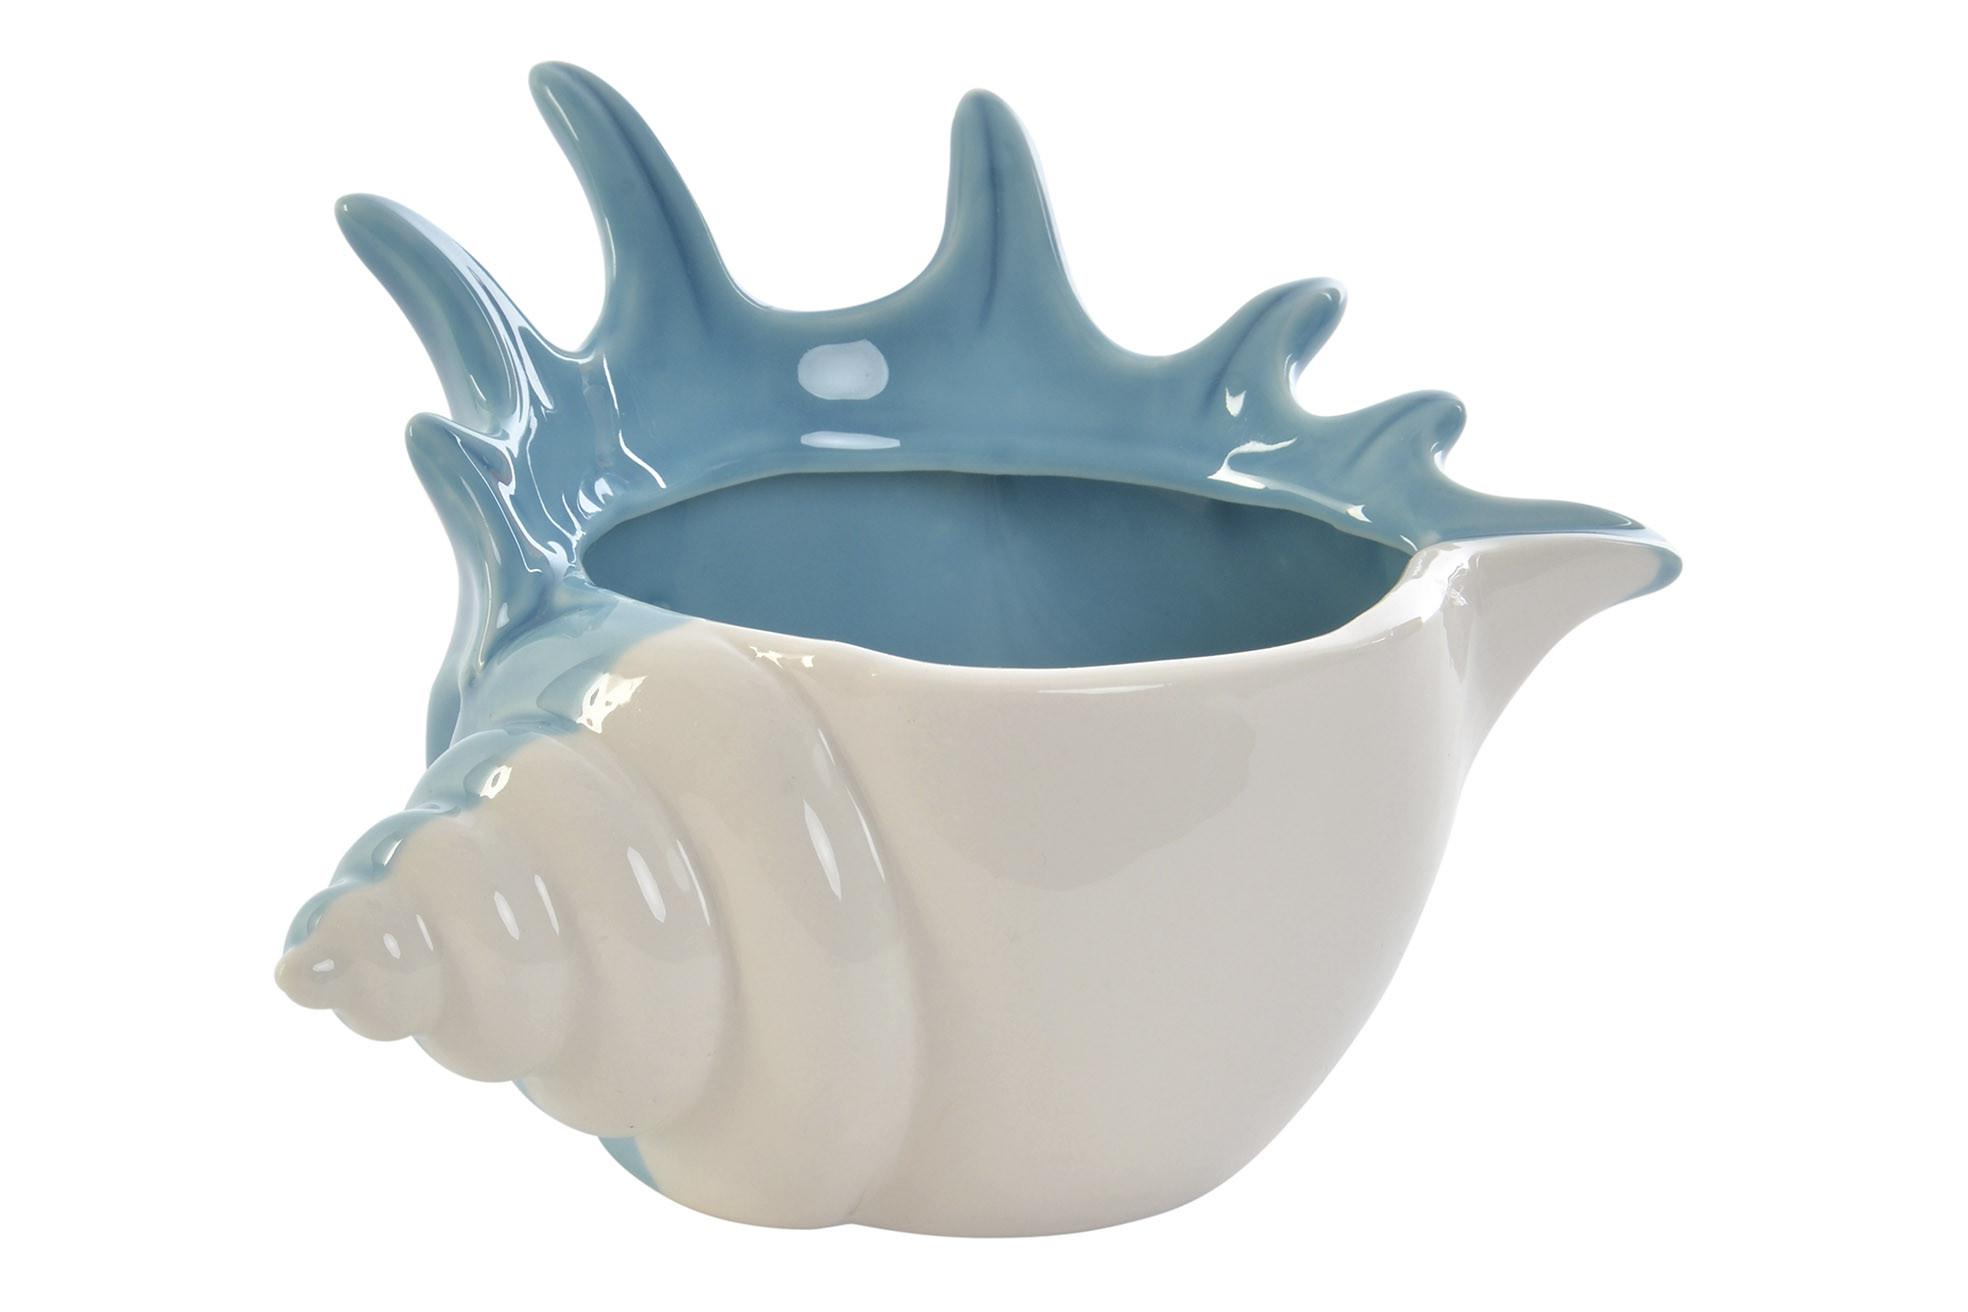 Portavelas Decorativo, realizado en Porcelana, de color Blanco y Azul. Diseño de Caracola, con estilo Marinero - Hogar y Más